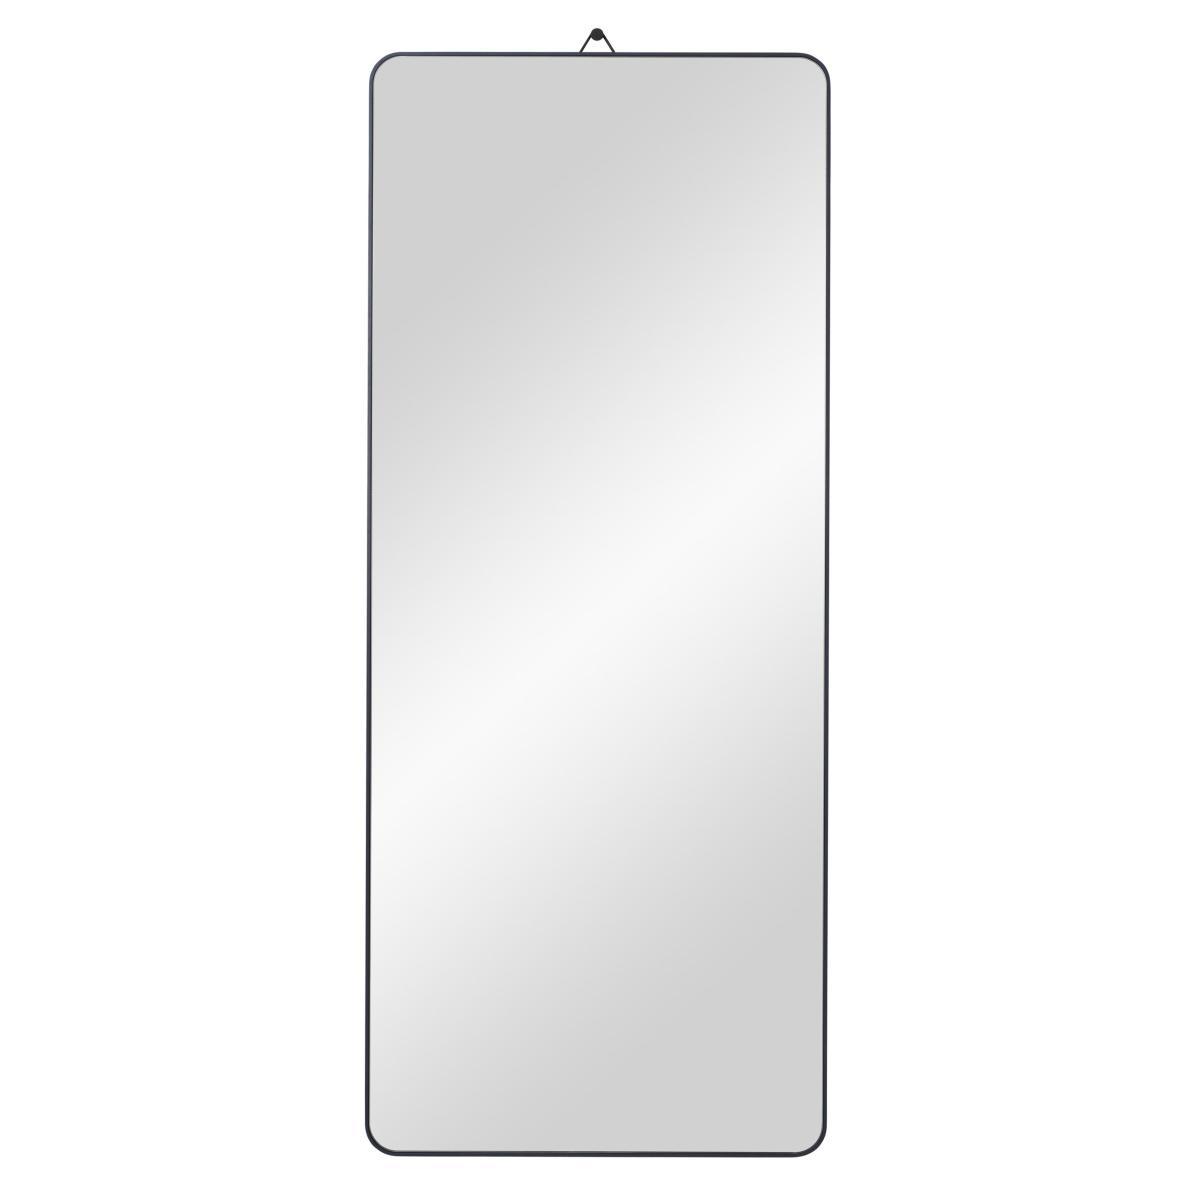 VIEW Spiegel 50 x 120 cm Eiche nachtblau